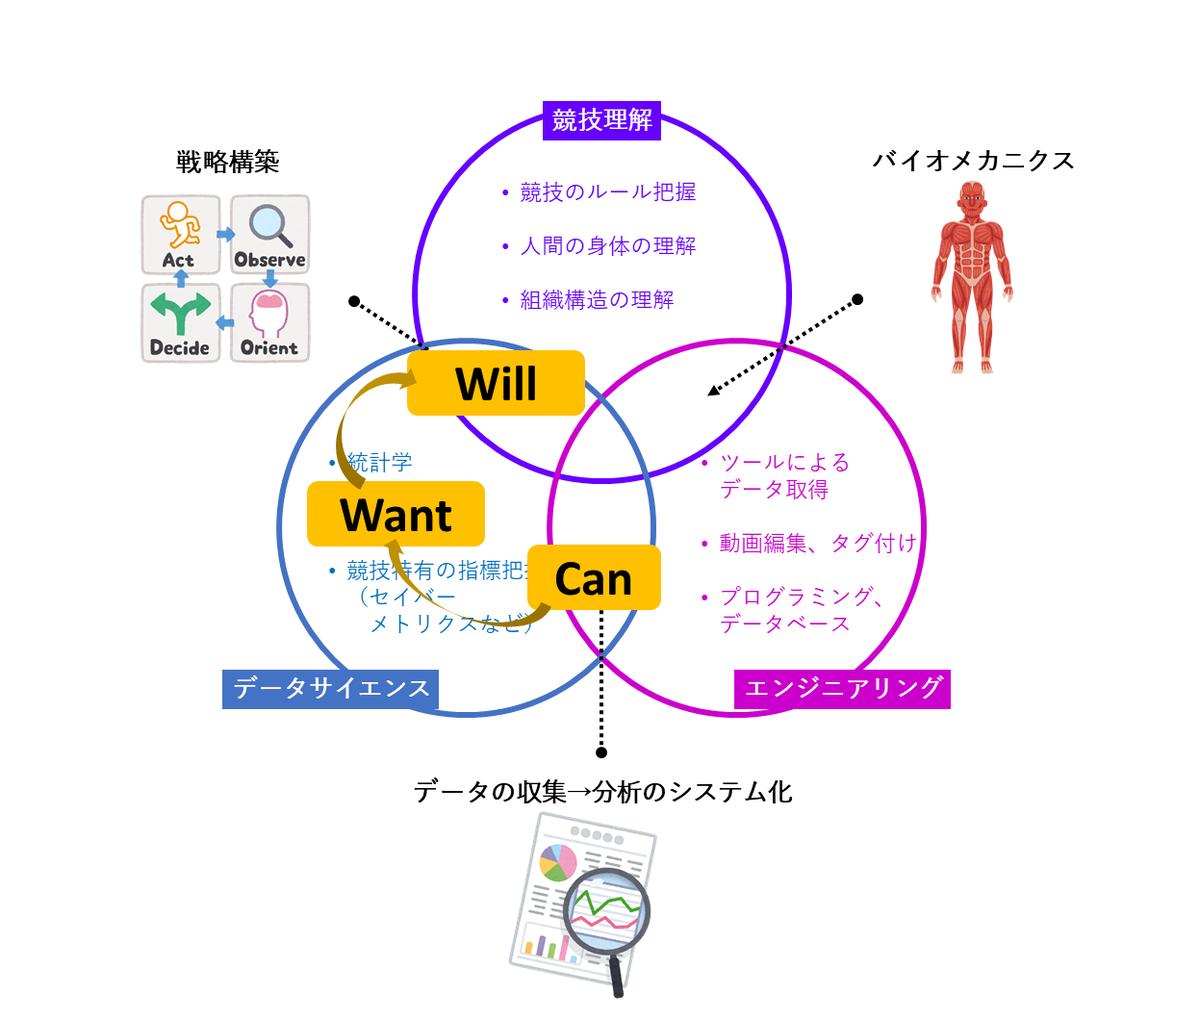 f:id:tsuyu_pon:20200422184811p:plain